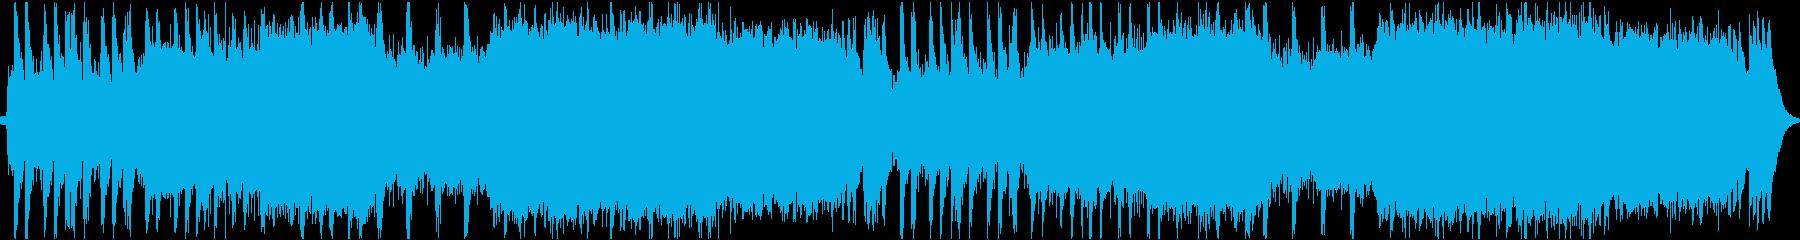 緊迫感のある戦闘曲の再生済みの波形